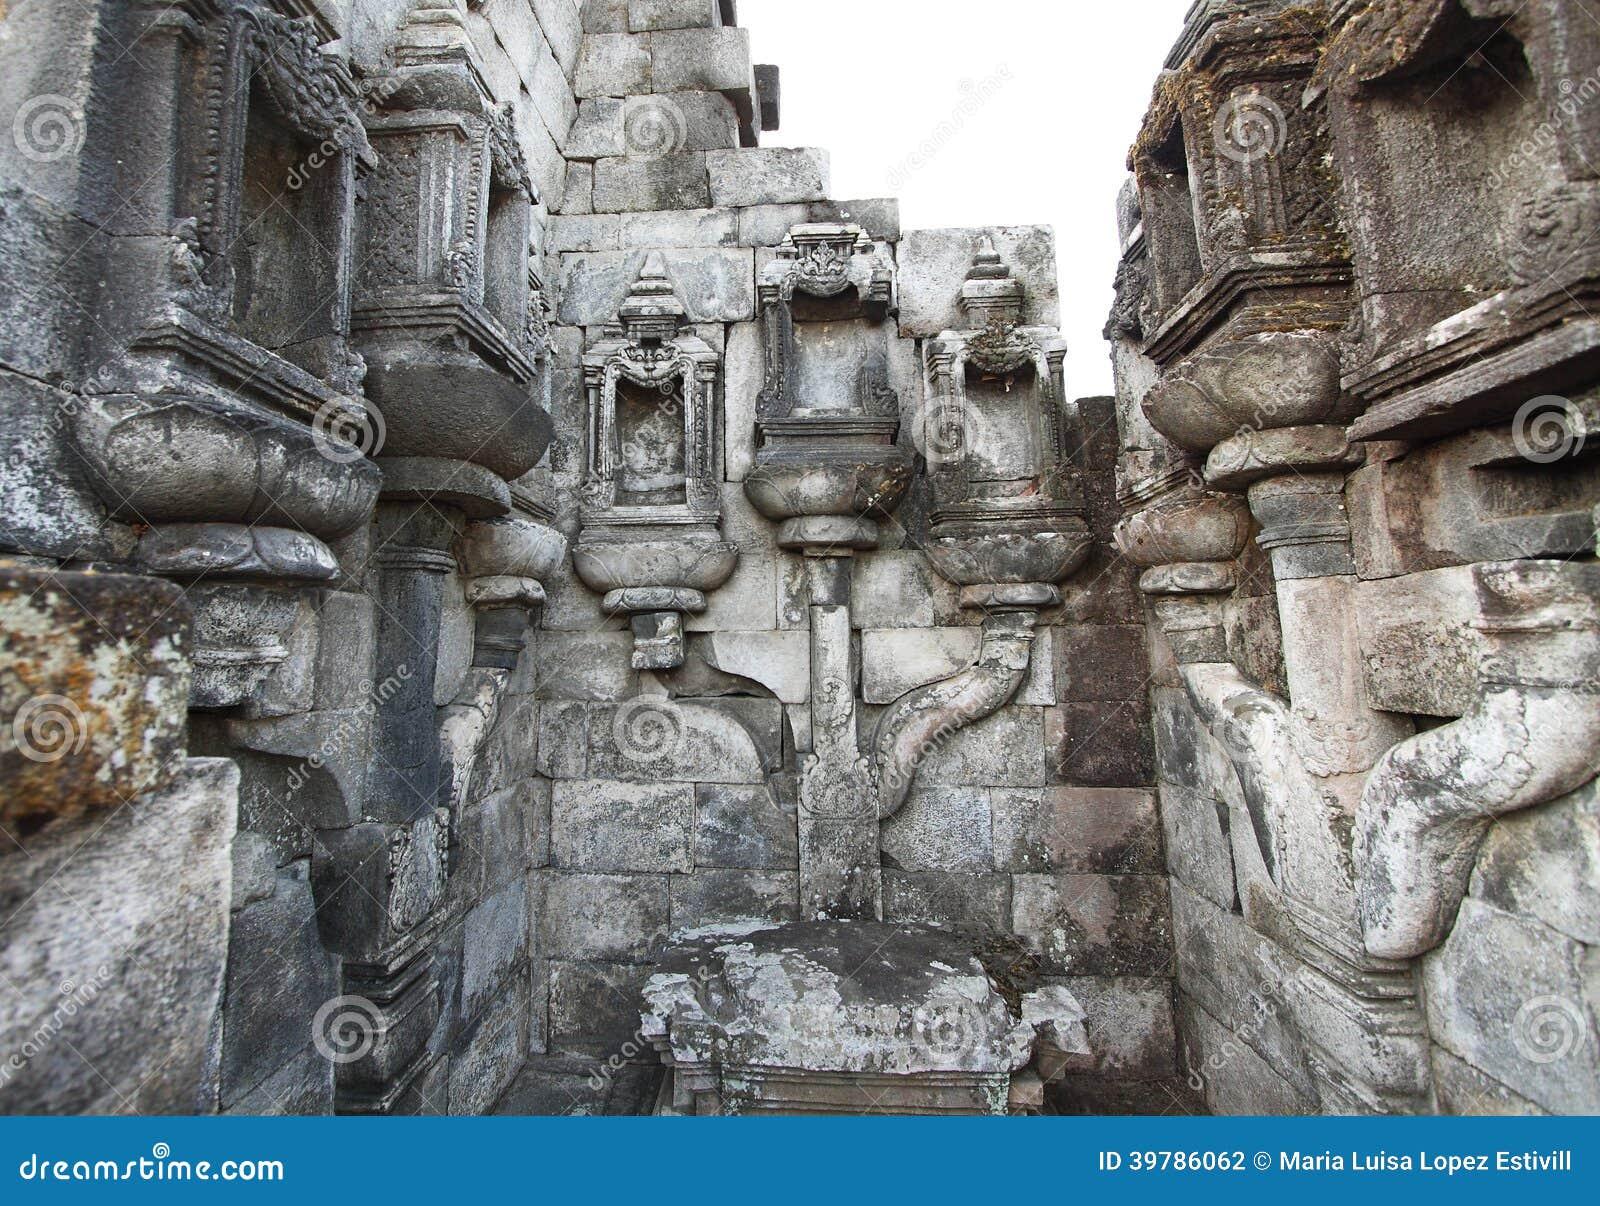 Trabajo de piedra detallado en Candi Sewu